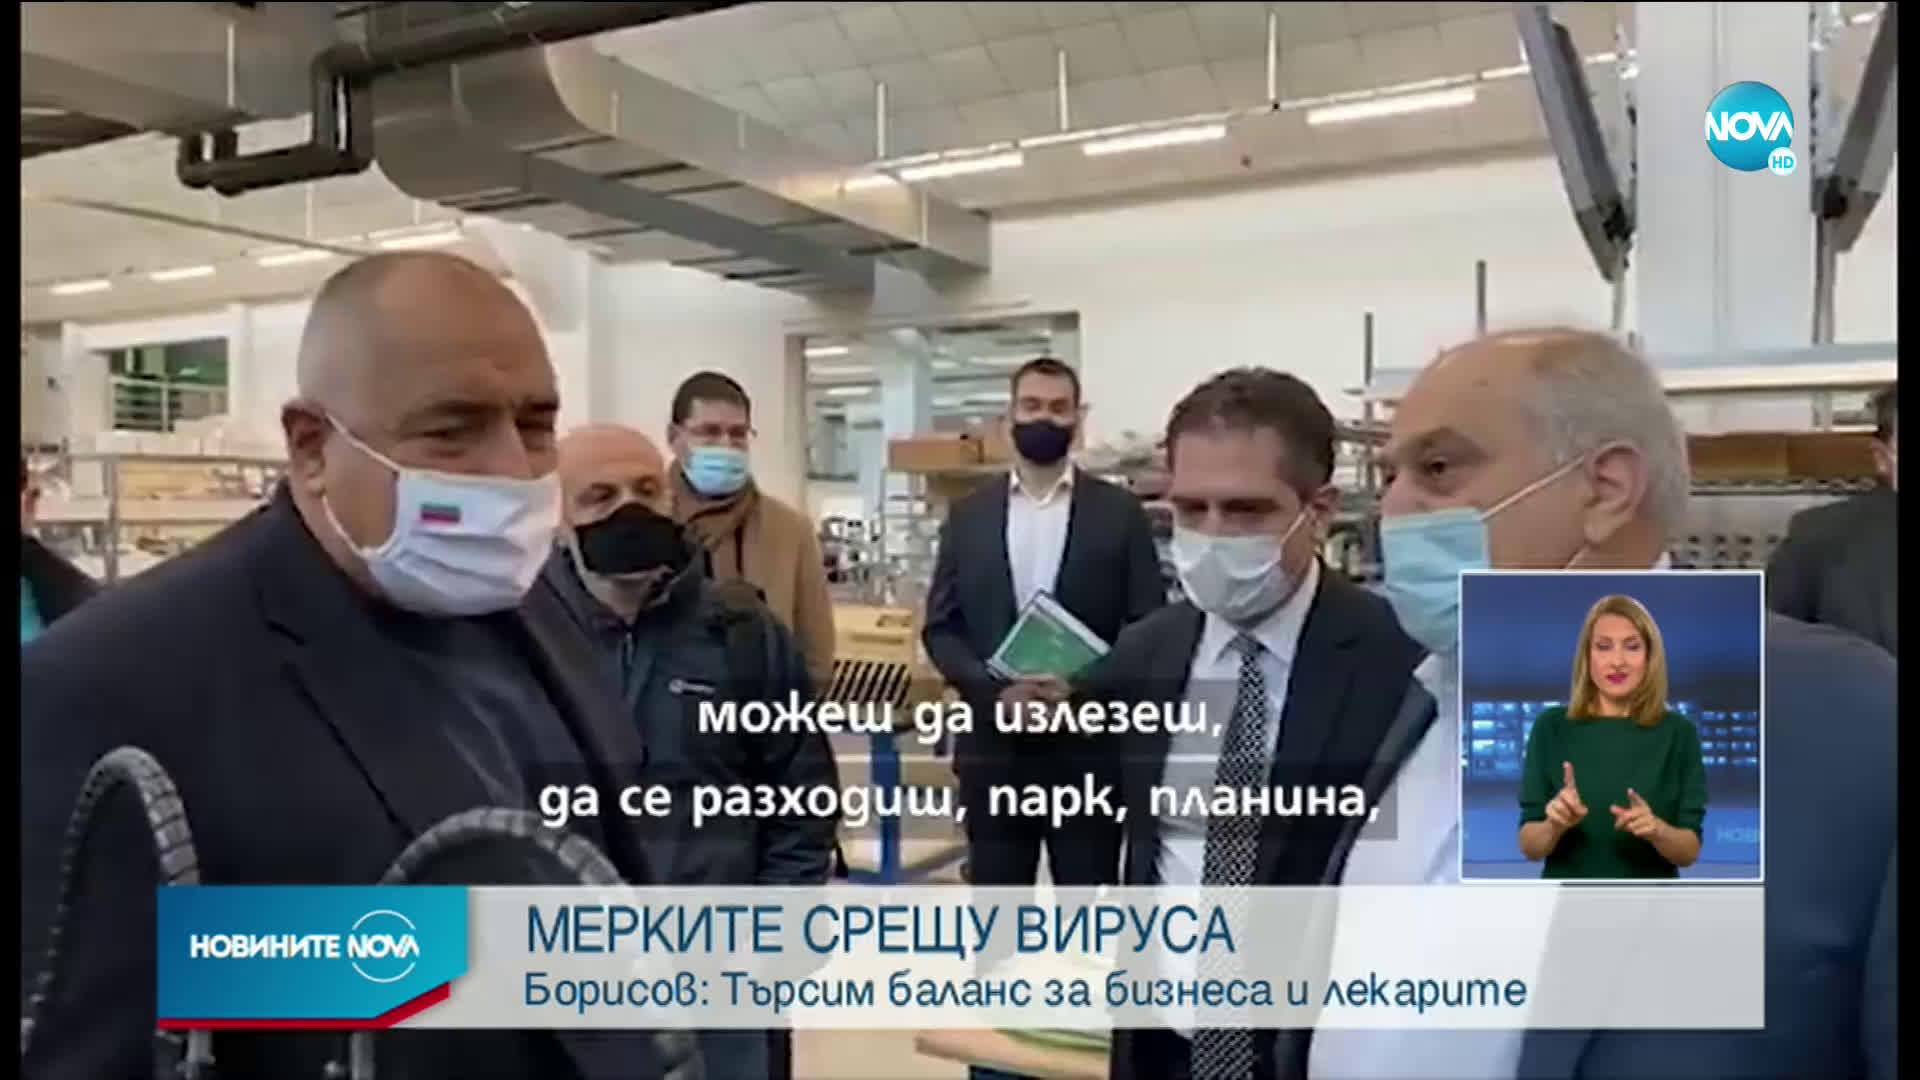 Борисов: Търсим баланс между икономиката и здравната система